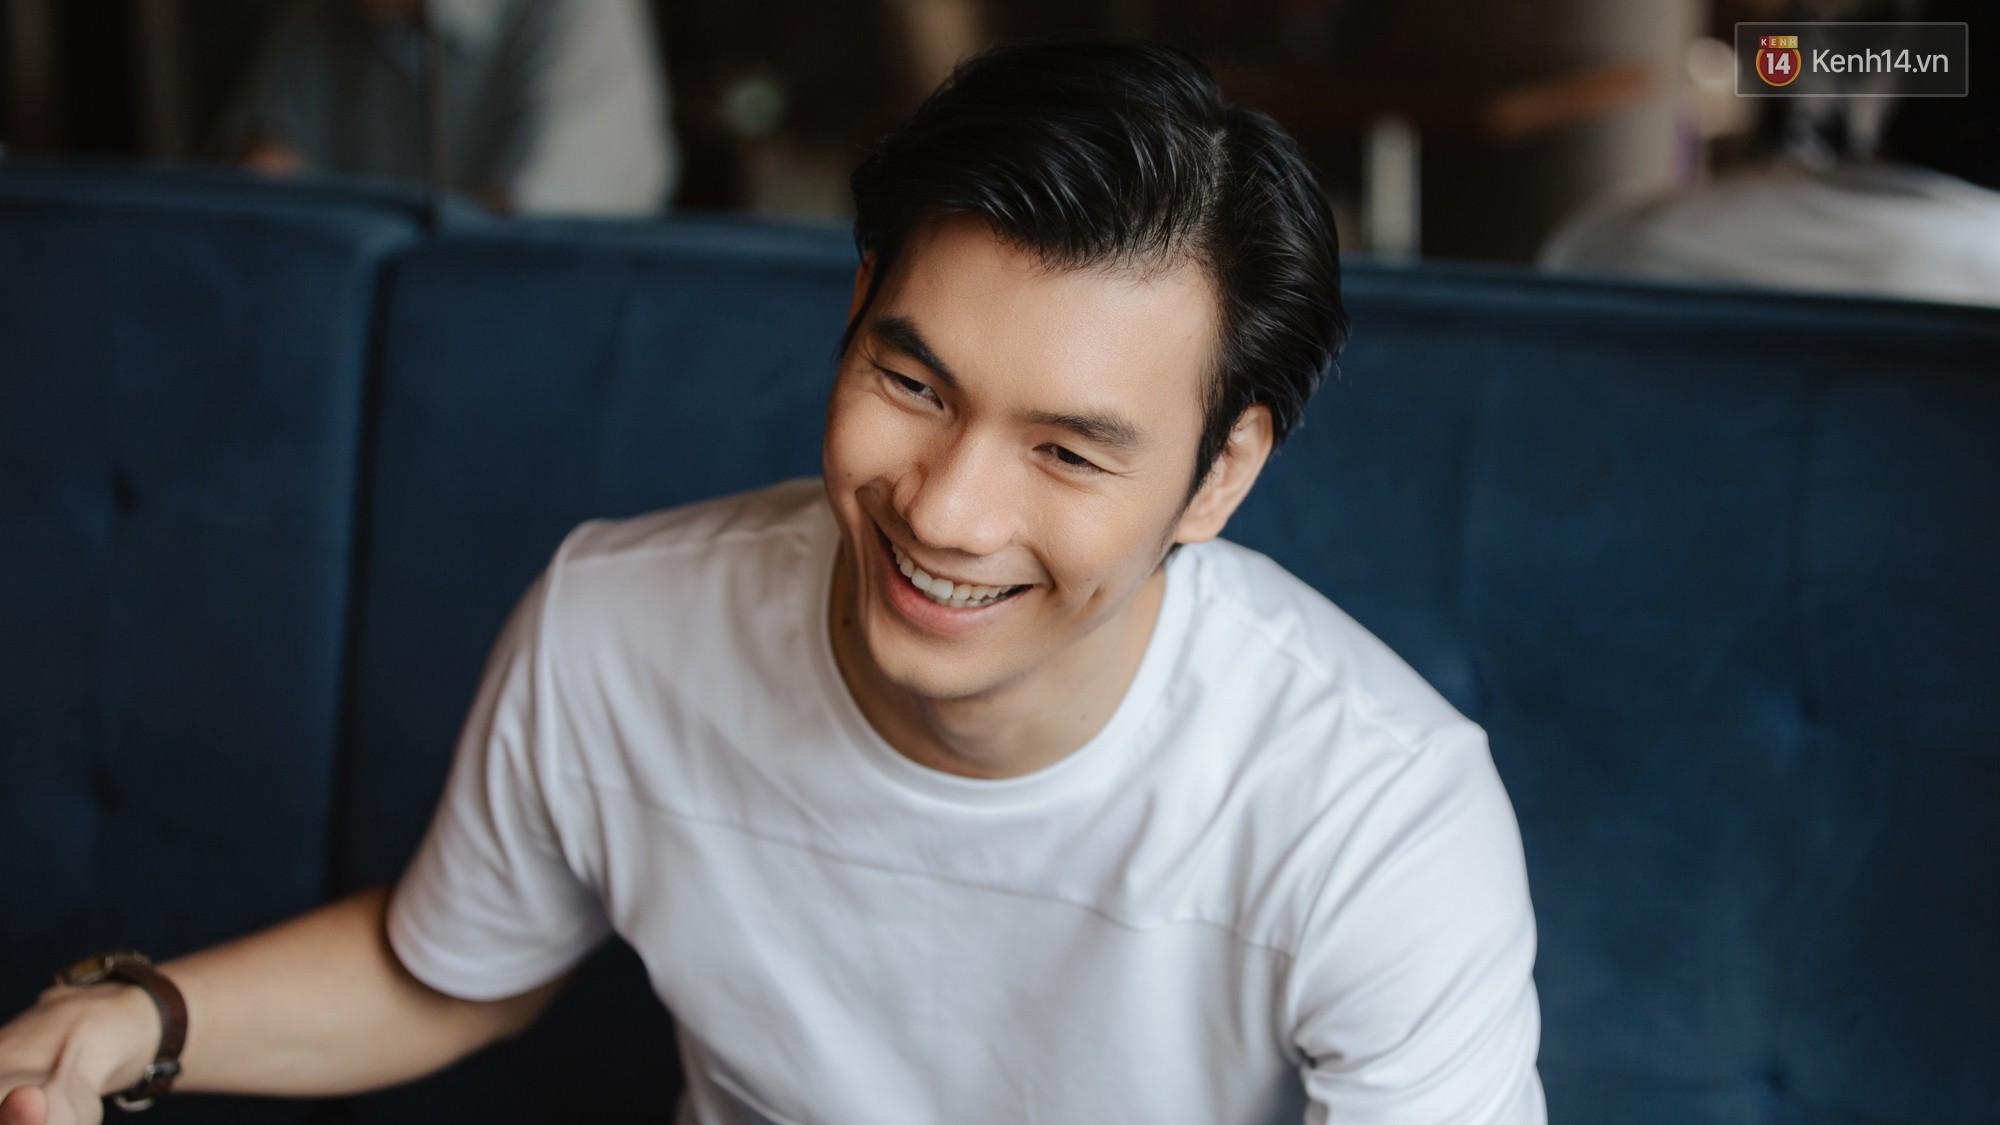 Nhan Phúc Vinh ám ảnh biến cố 10 năm với đạo diễn Nguyễn Quang Dũng: Tôi khóc như mưa ngay giữa quán nhậu - Ảnh 11.